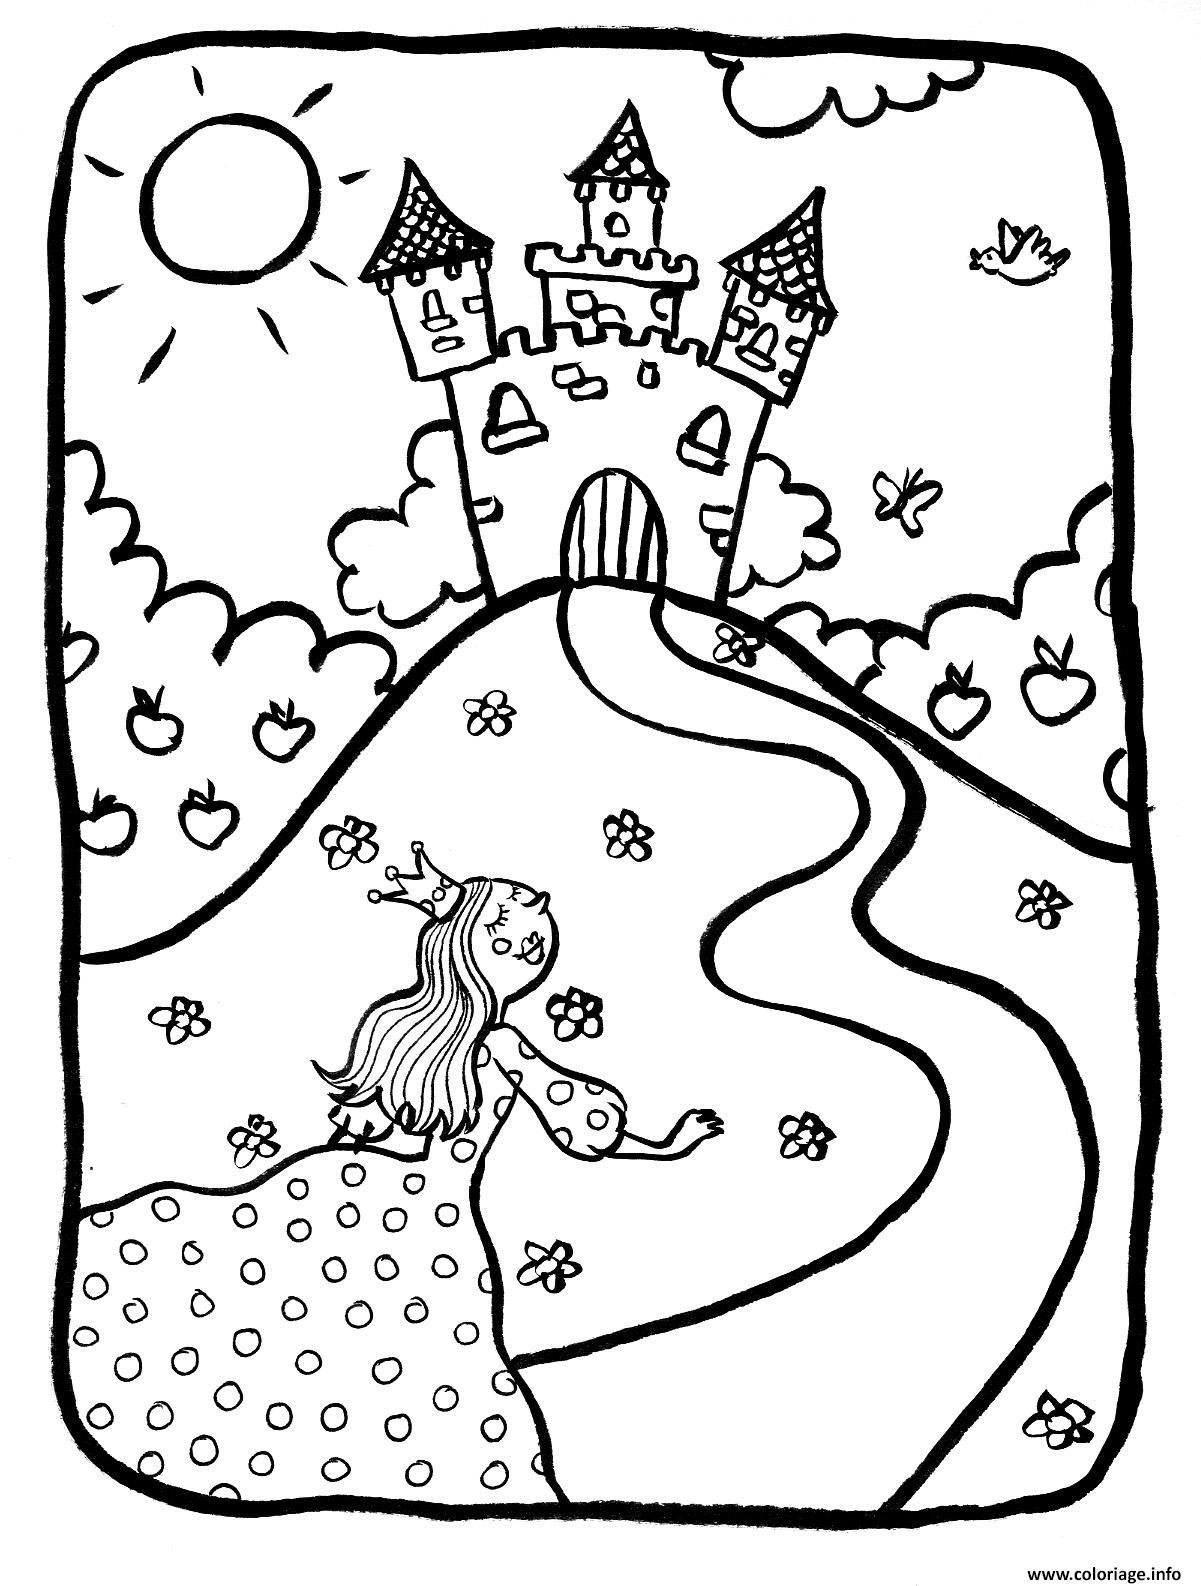 Coloriage Dessin Chateaux Avec Princesse Dessin avec Dessin Chateau Princesse